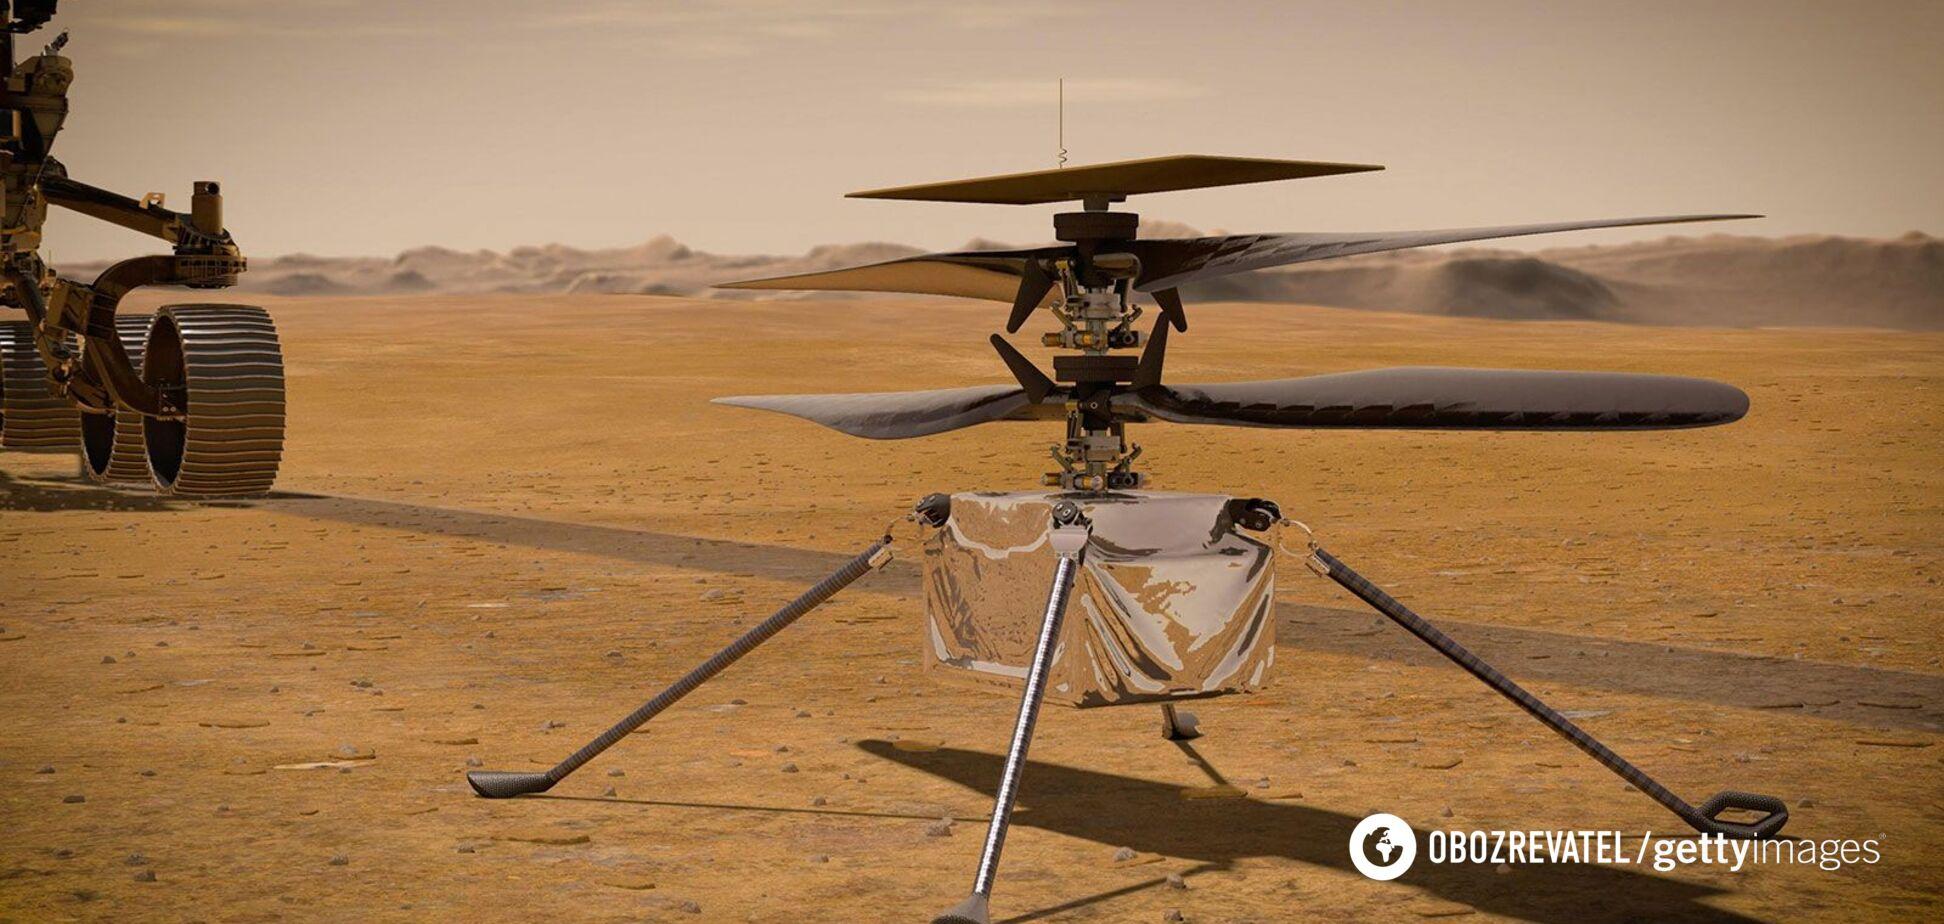 Беспилотник NASA совершил полет на Марсе на рекордной высоте. Фото